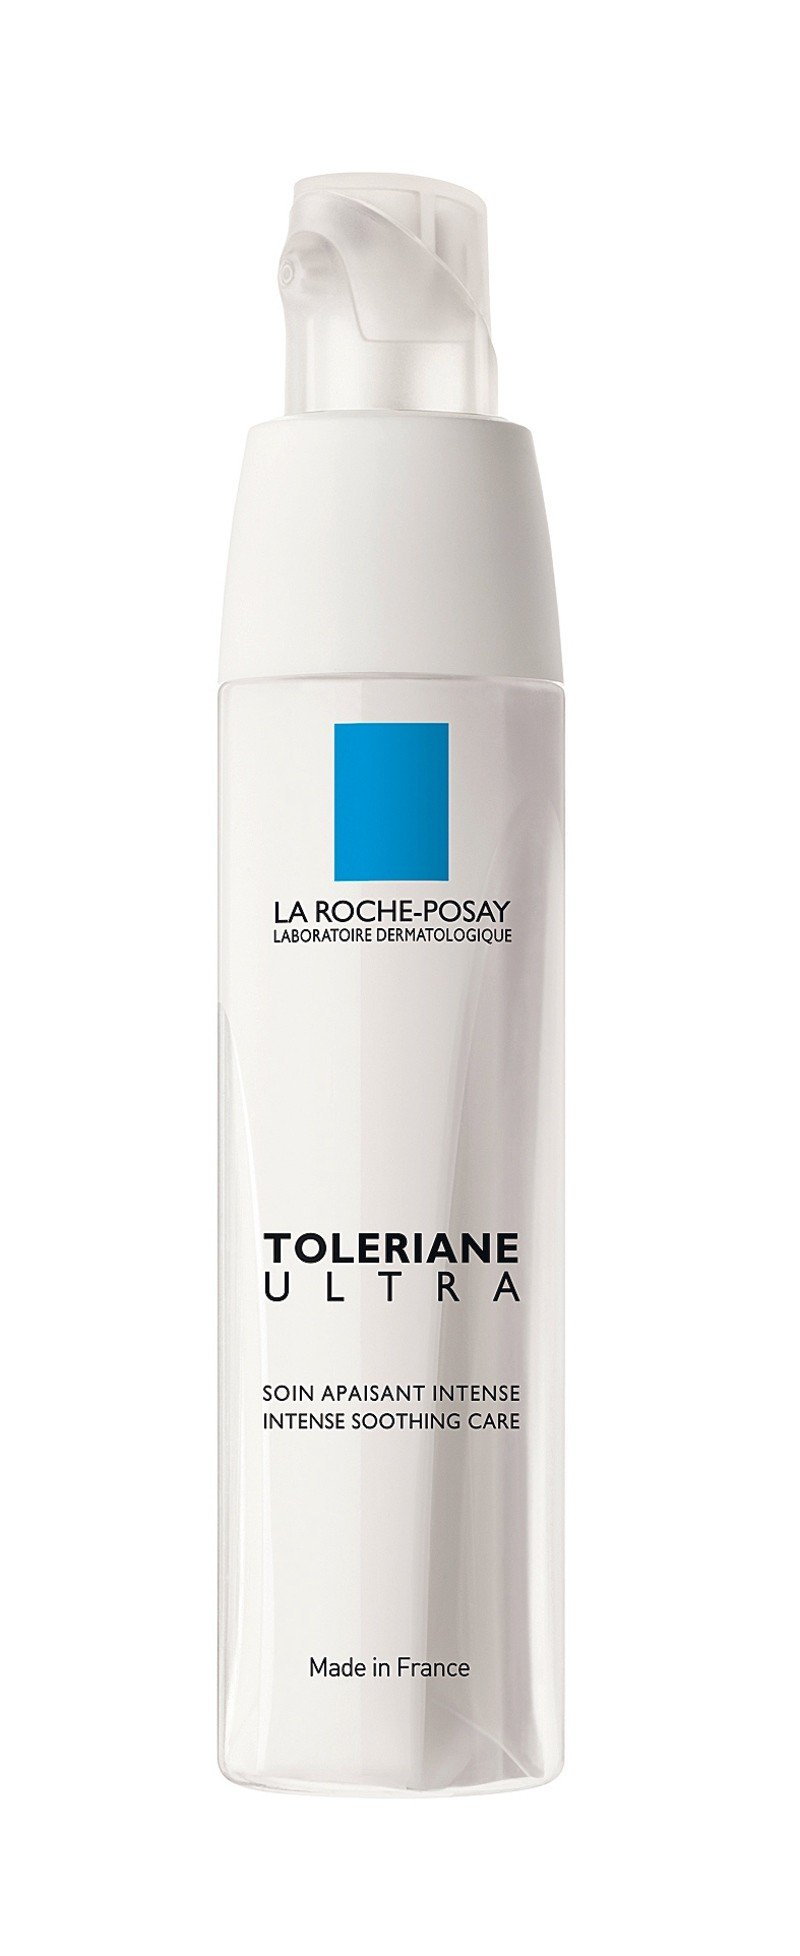 טולריאן אולטרה TOLERIANE ULTRA קרם לחות לעור רגיש במיוחד וסובל מאלרגיות לה רוש פוזה